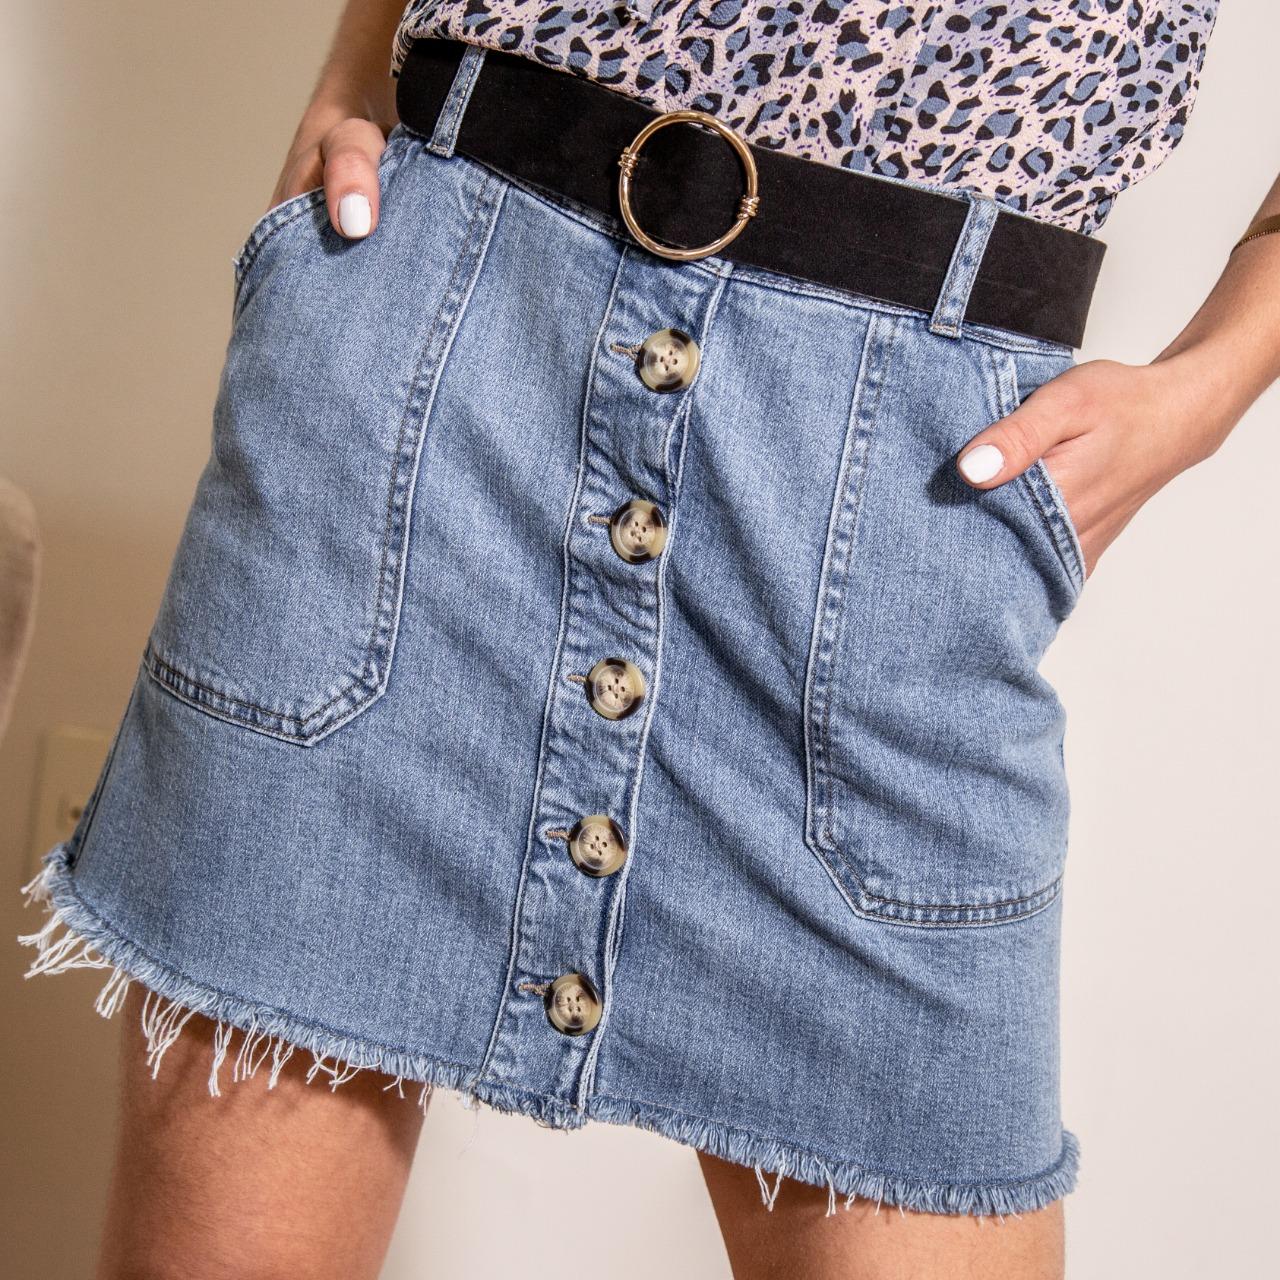 Mini Jeans c/ Botones Cod. 1190317